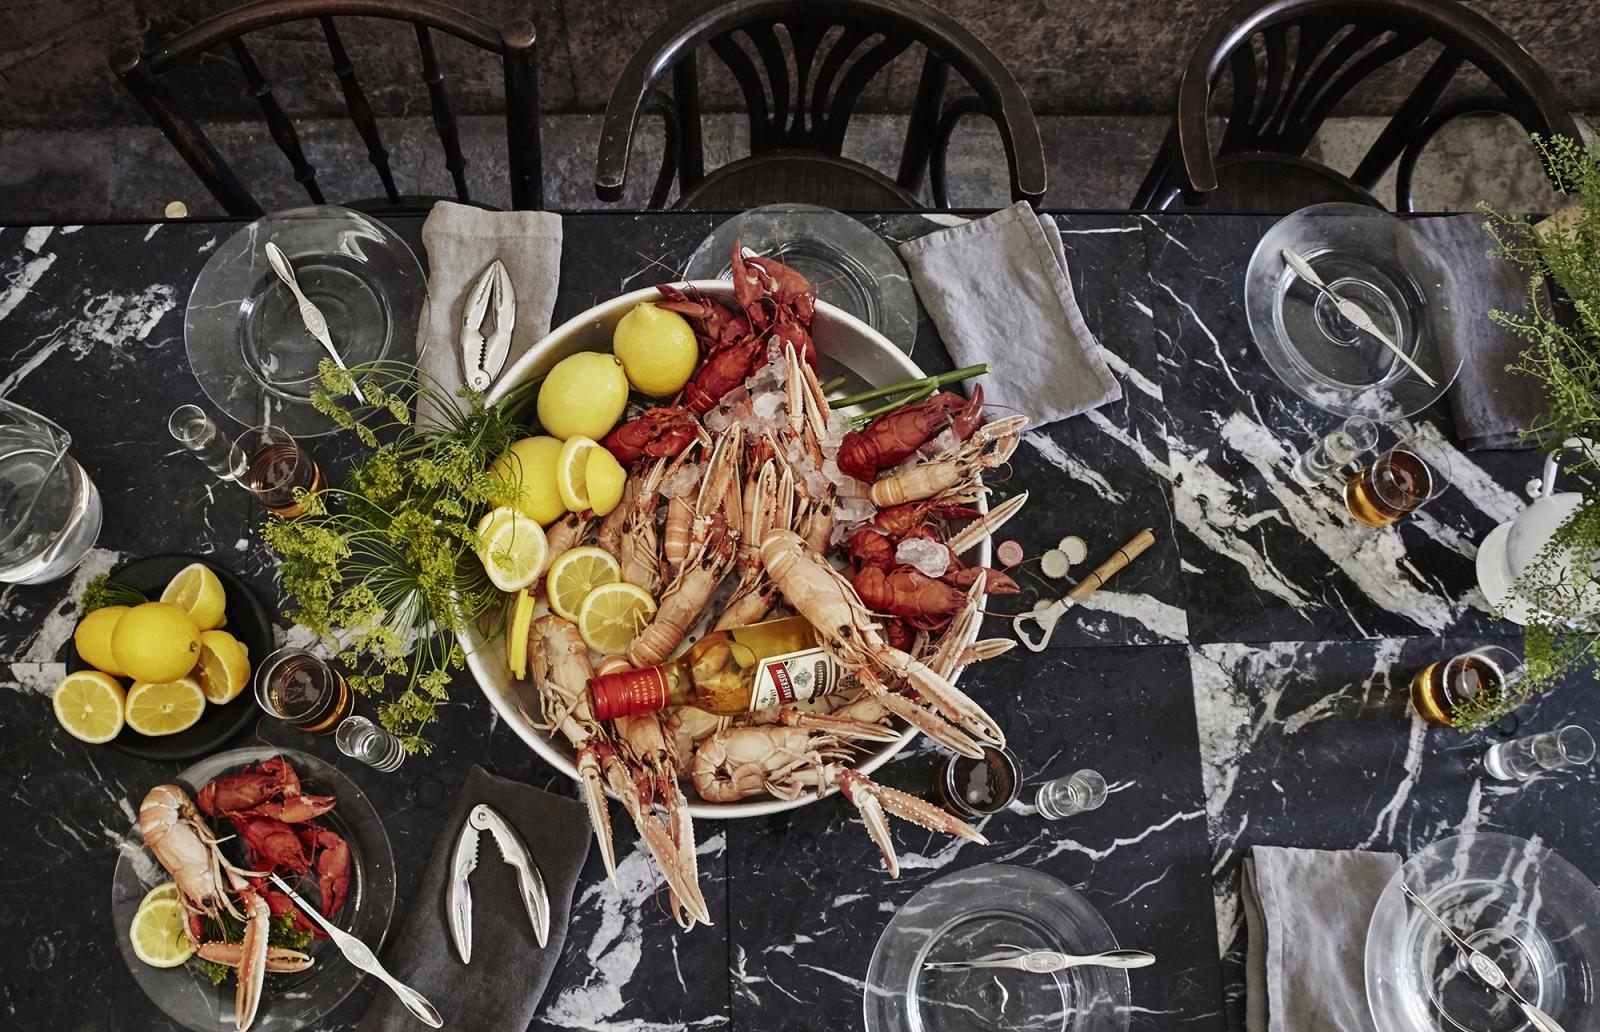 Äntligen är det säsong! Hela sommaren har vi längtat efter smaker från det salta Västerhavet.  Finns det något bättre sätt att välkomna hösten? Låt festen börja!